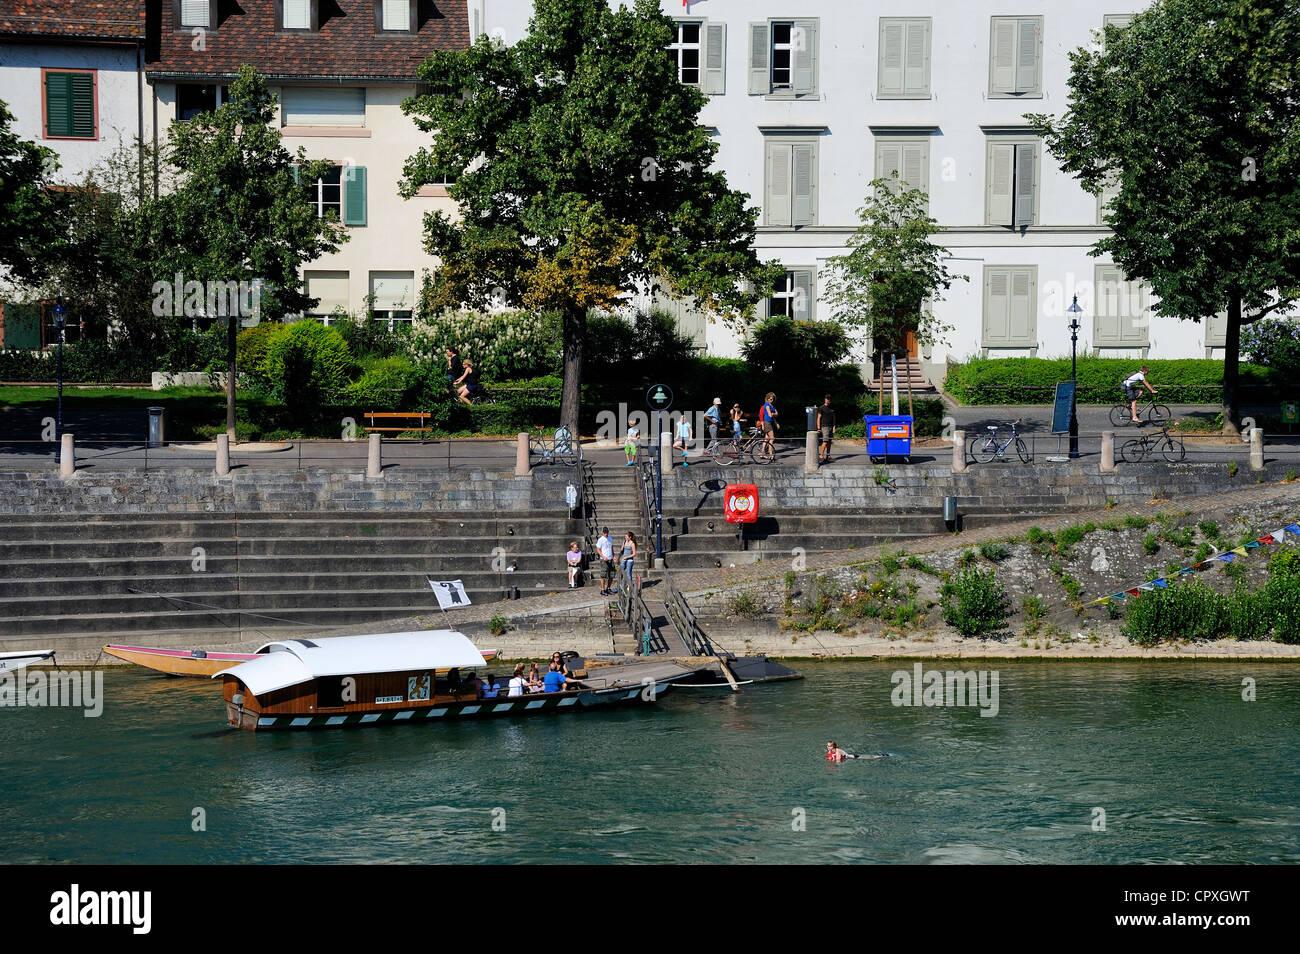 Schweiz, Kanton Basel-Stadt, Basel, einer der kleinen Fähre benutzt, um den Rhein überqueren Stockbild